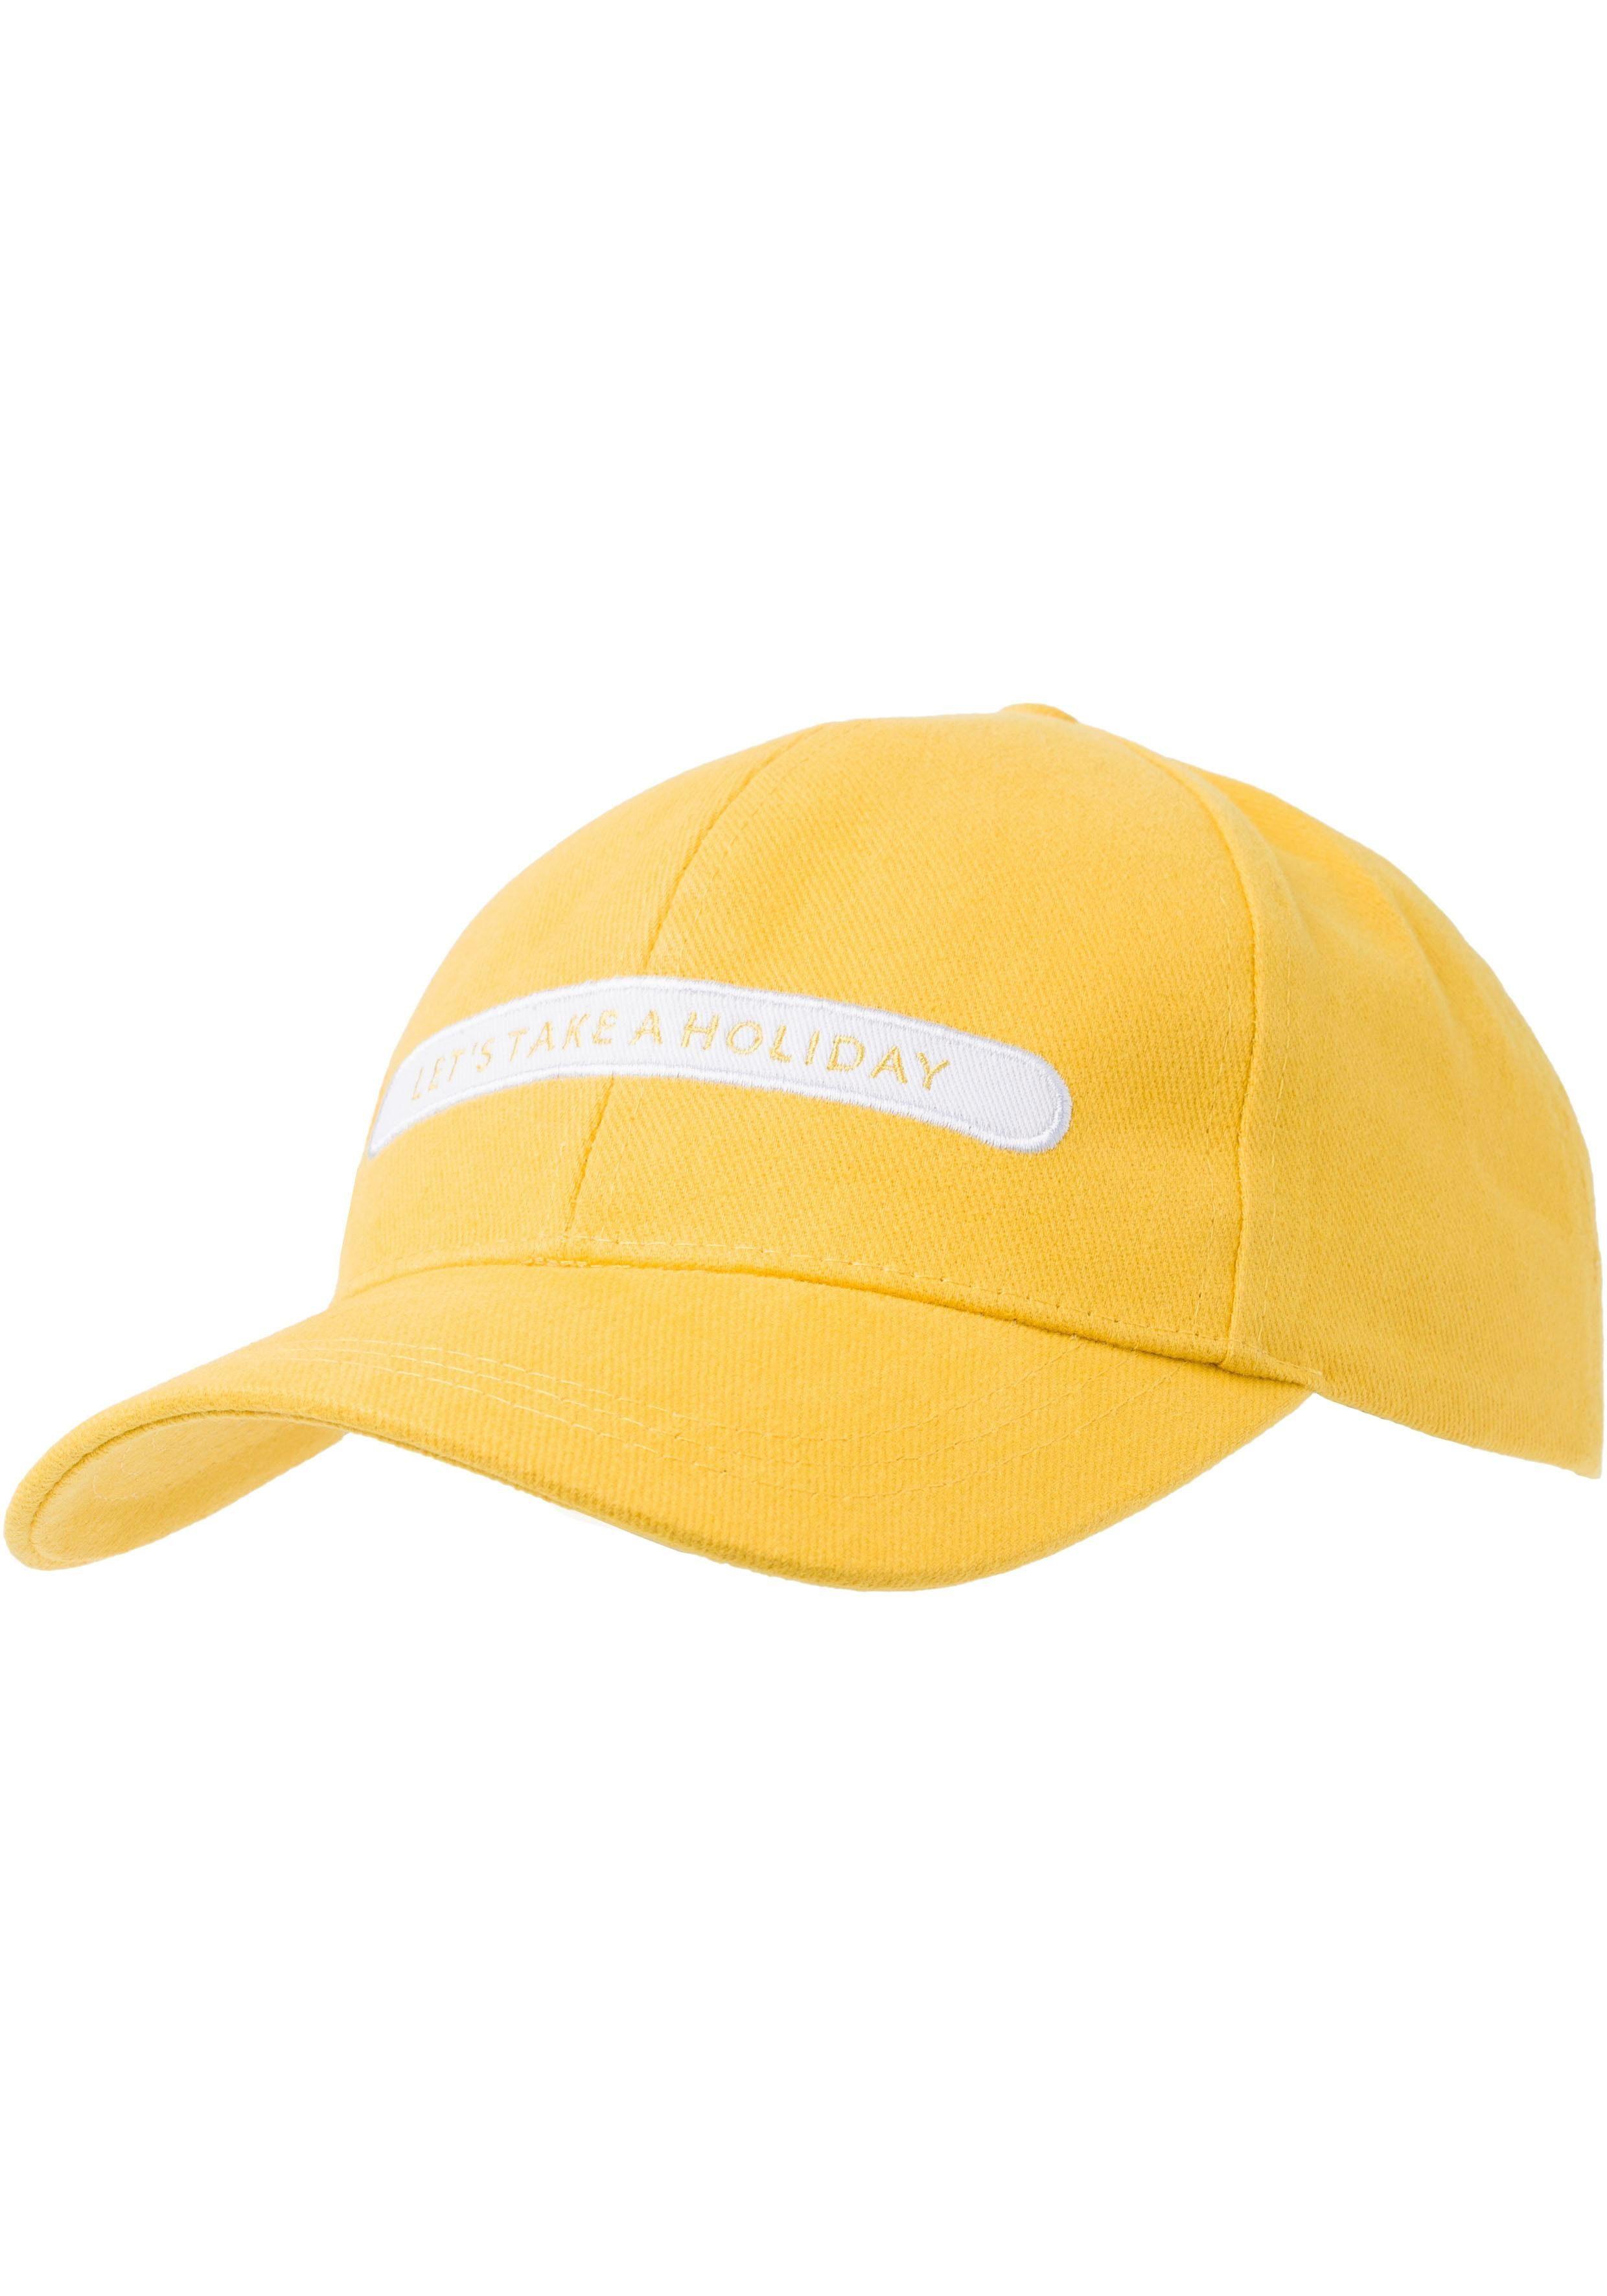 Esprit Baseball Cap mit Stickerei-Aufnäher vorn